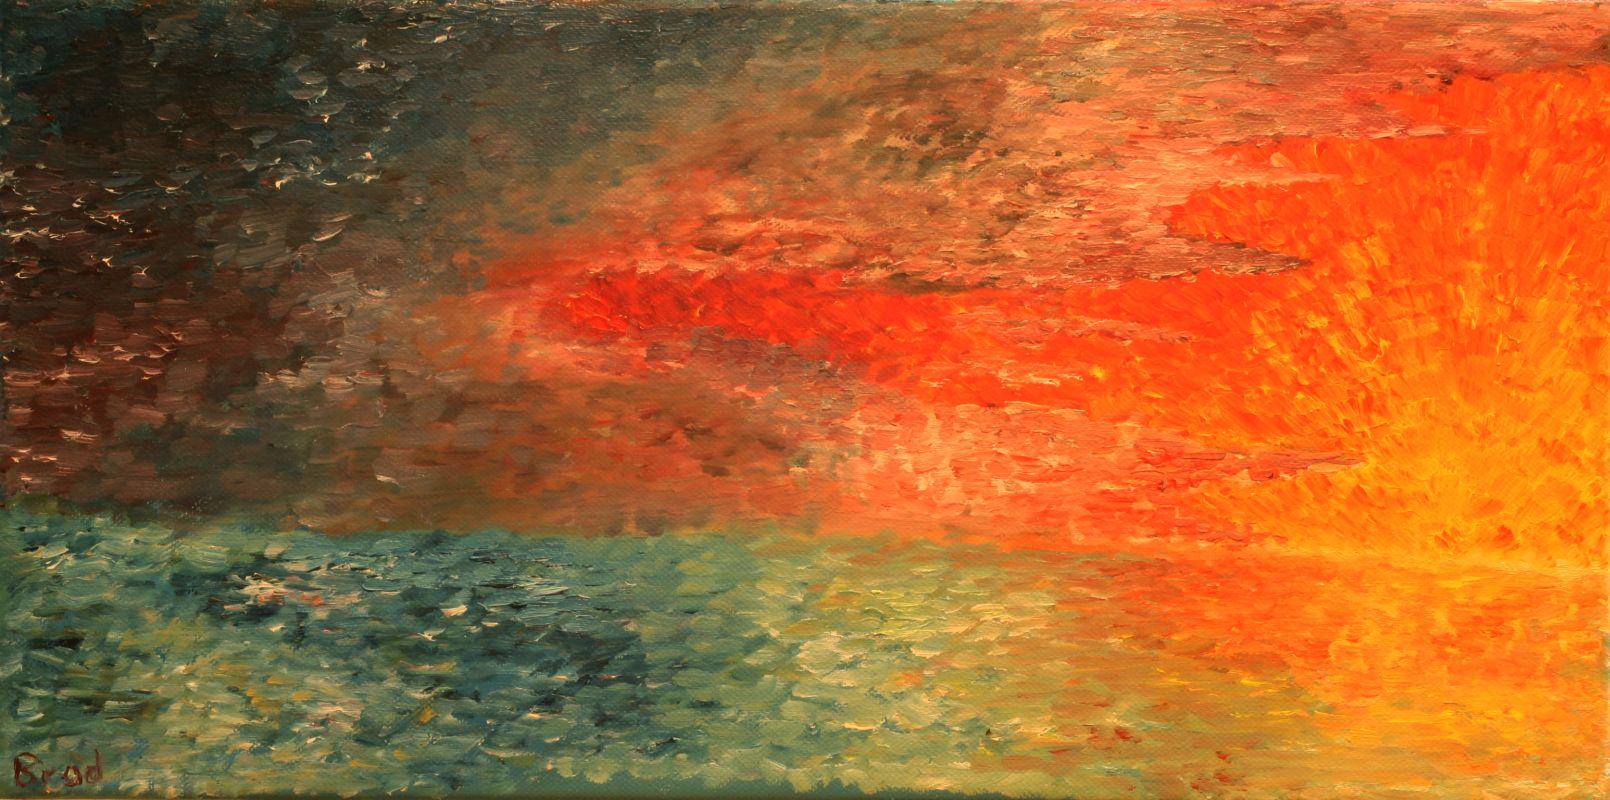 Abenddämmerung (2012, 20 x 40 cm)